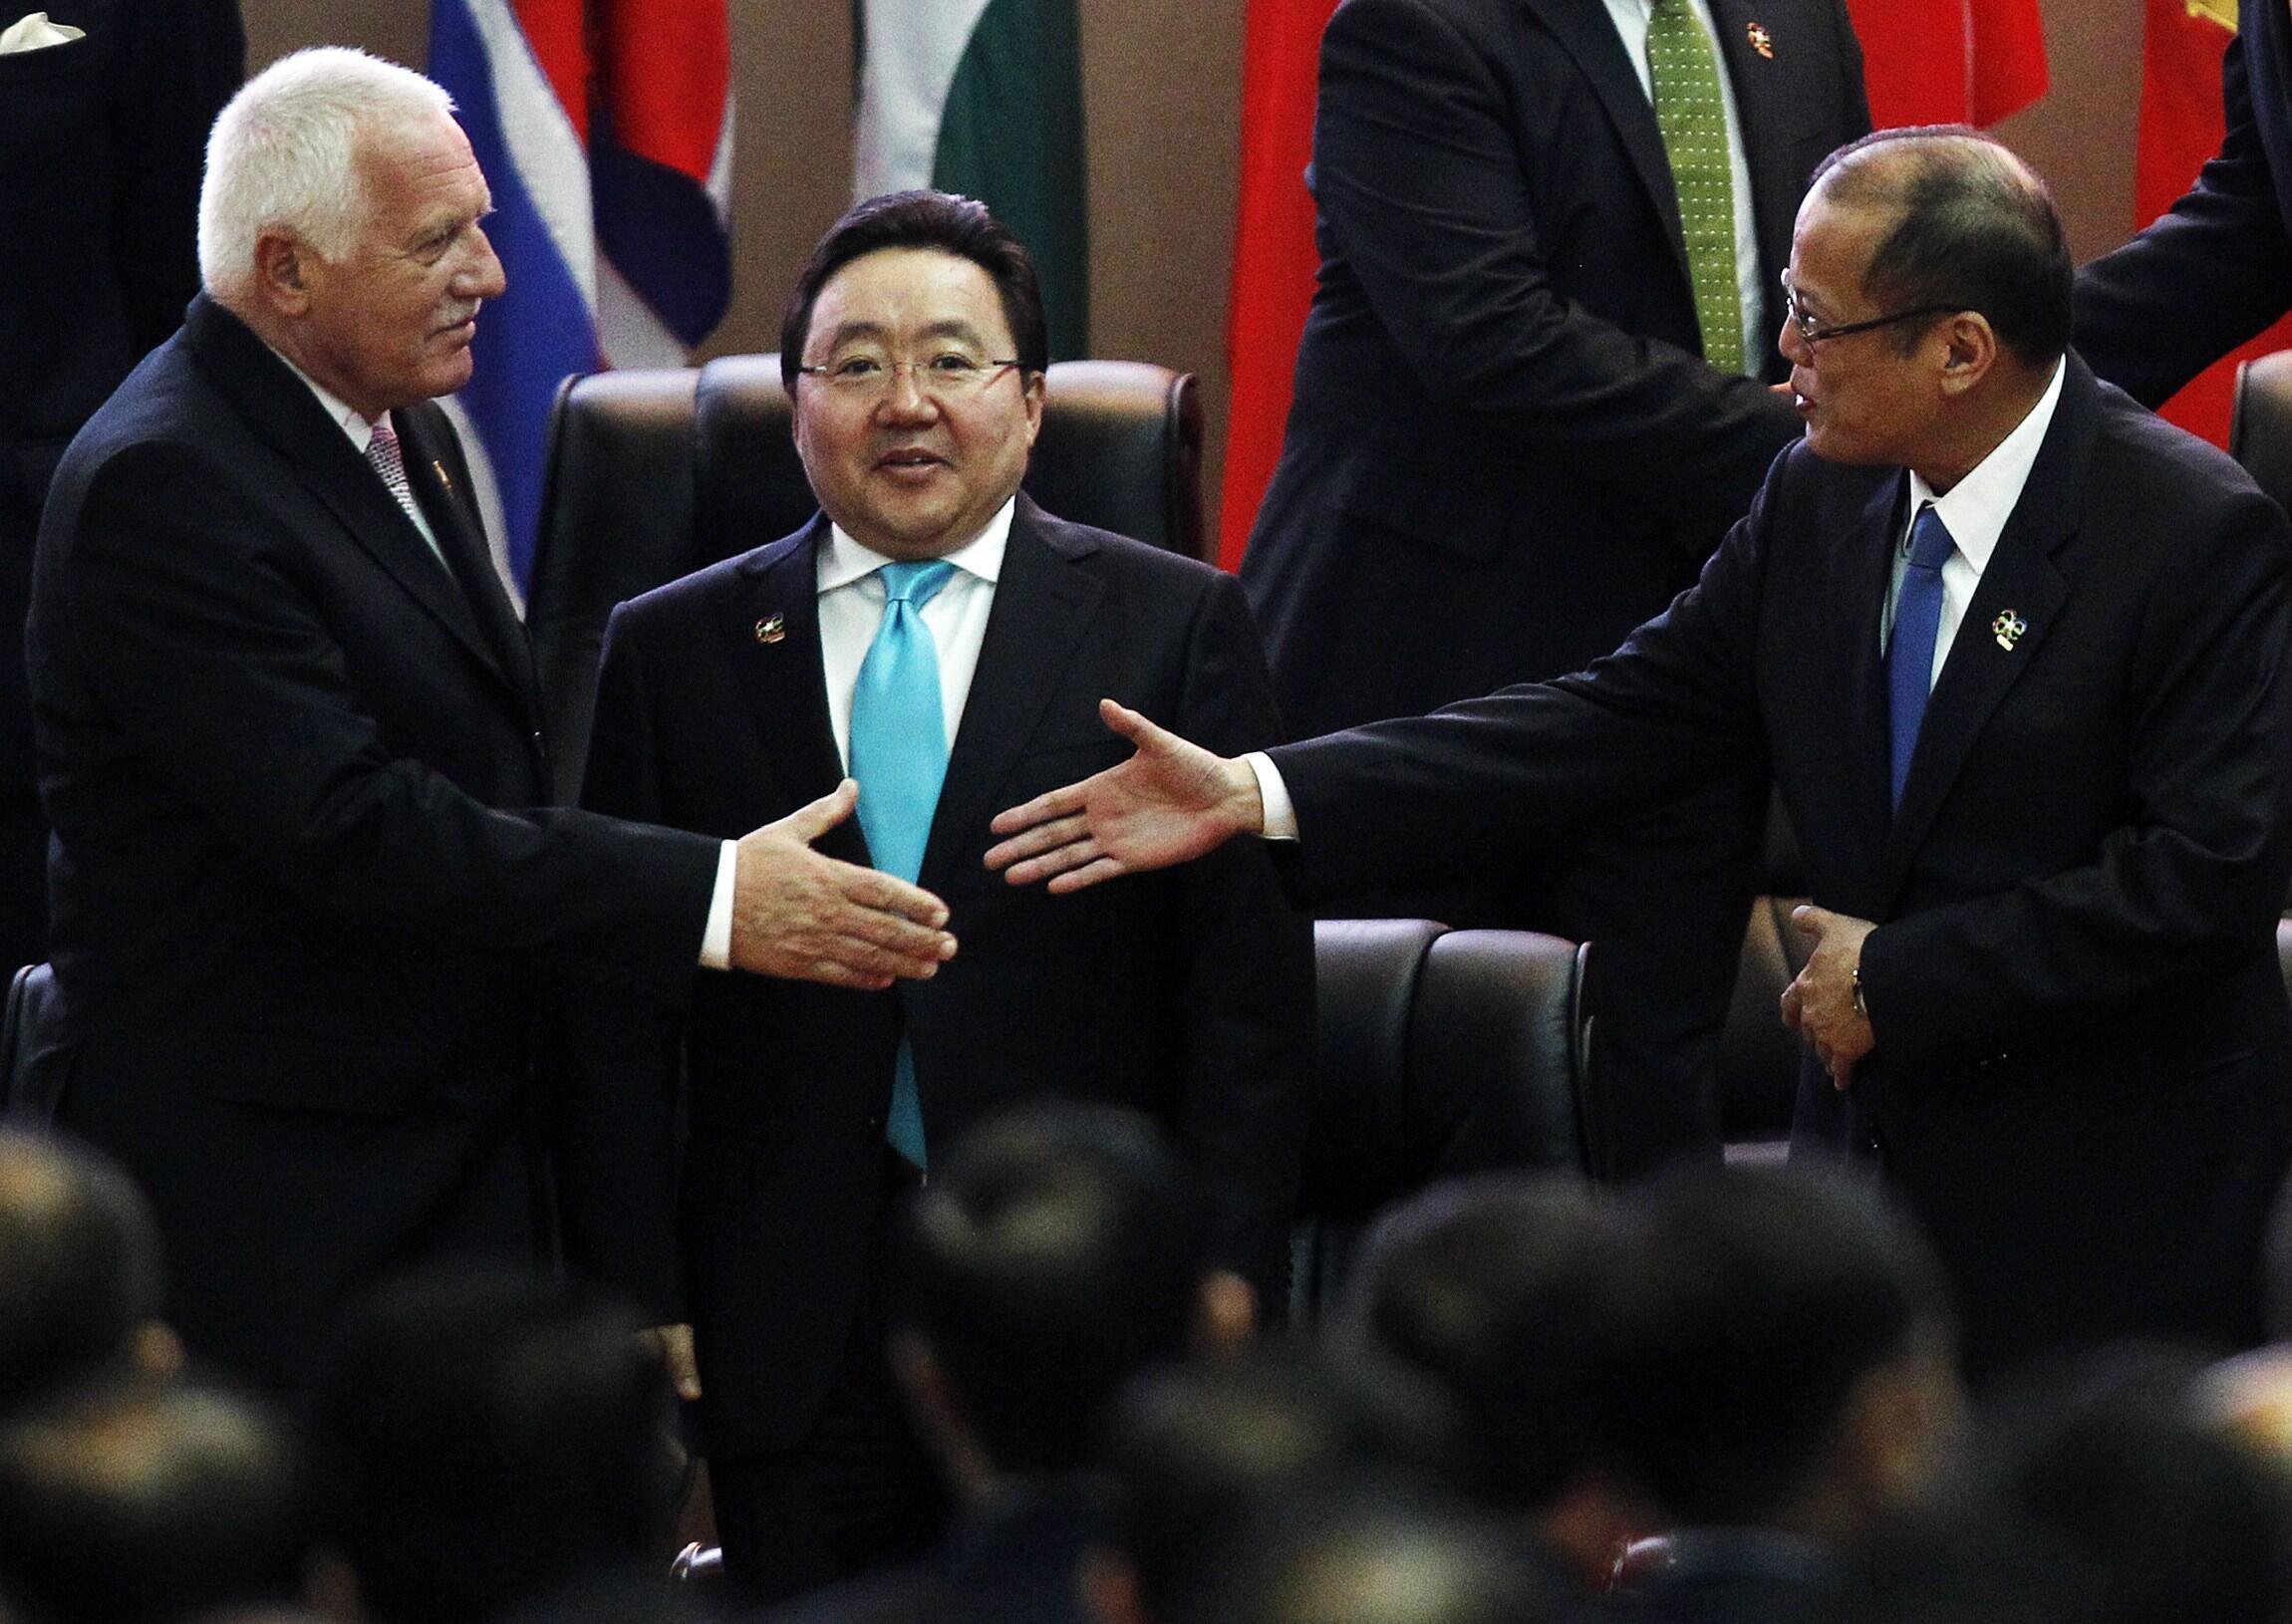 Tổng thống Philippines B. Aquino (phải) tại  ASEM 19, luôn tận dụng mọi cơ hội để tìm sự ủng hộ về chủ quyền biển đảo của Philippines (REUTERS)